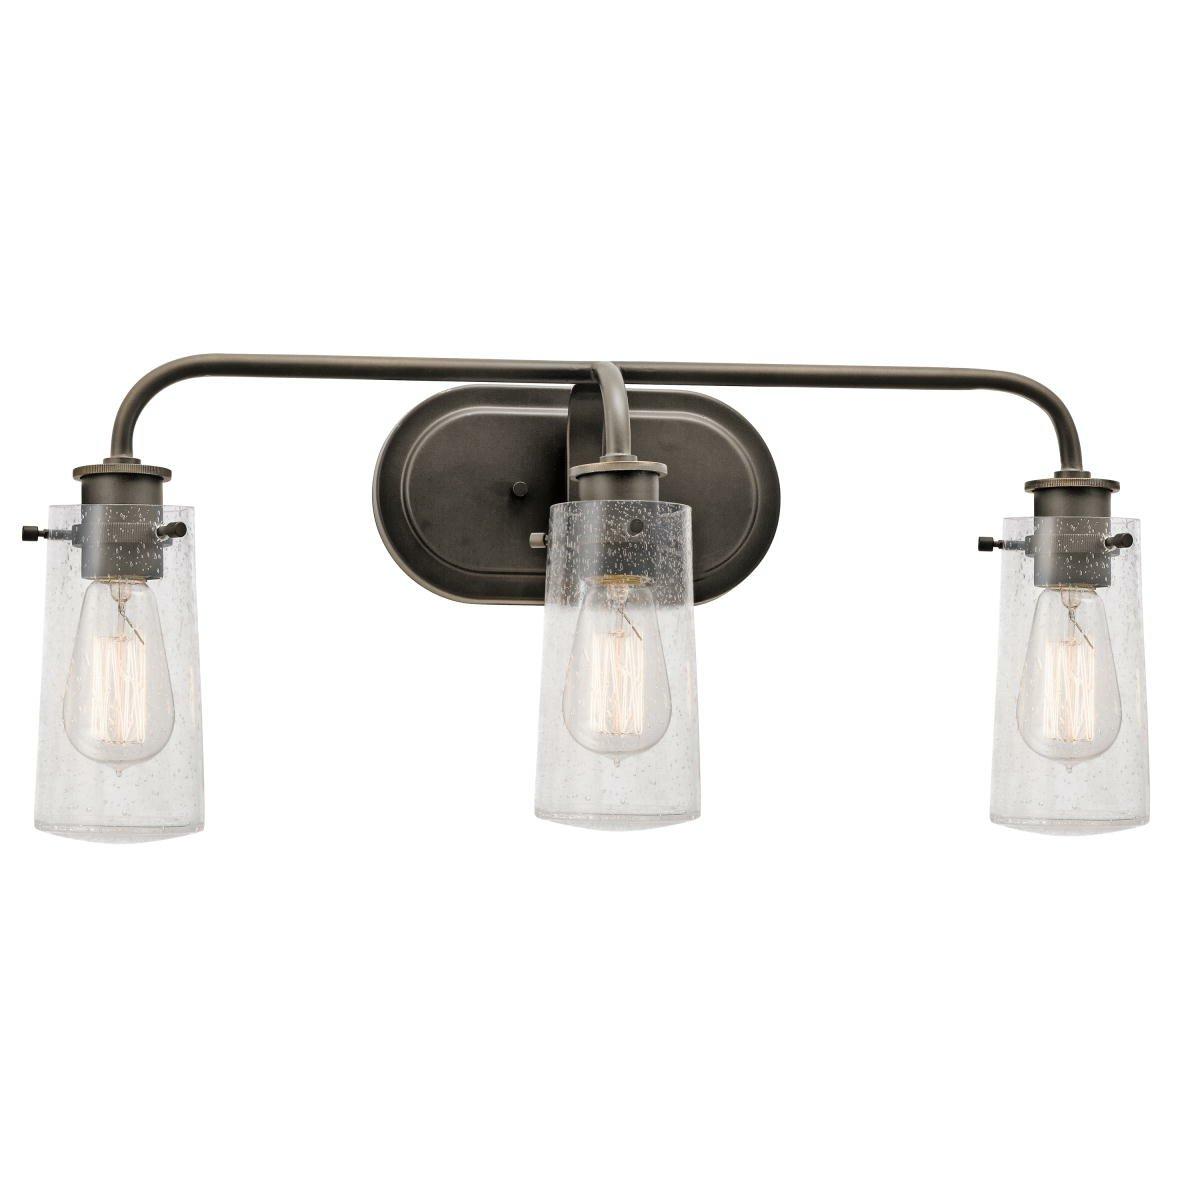 Kichler Braelyn 3 Light Vanity Light Reviews Wayfair